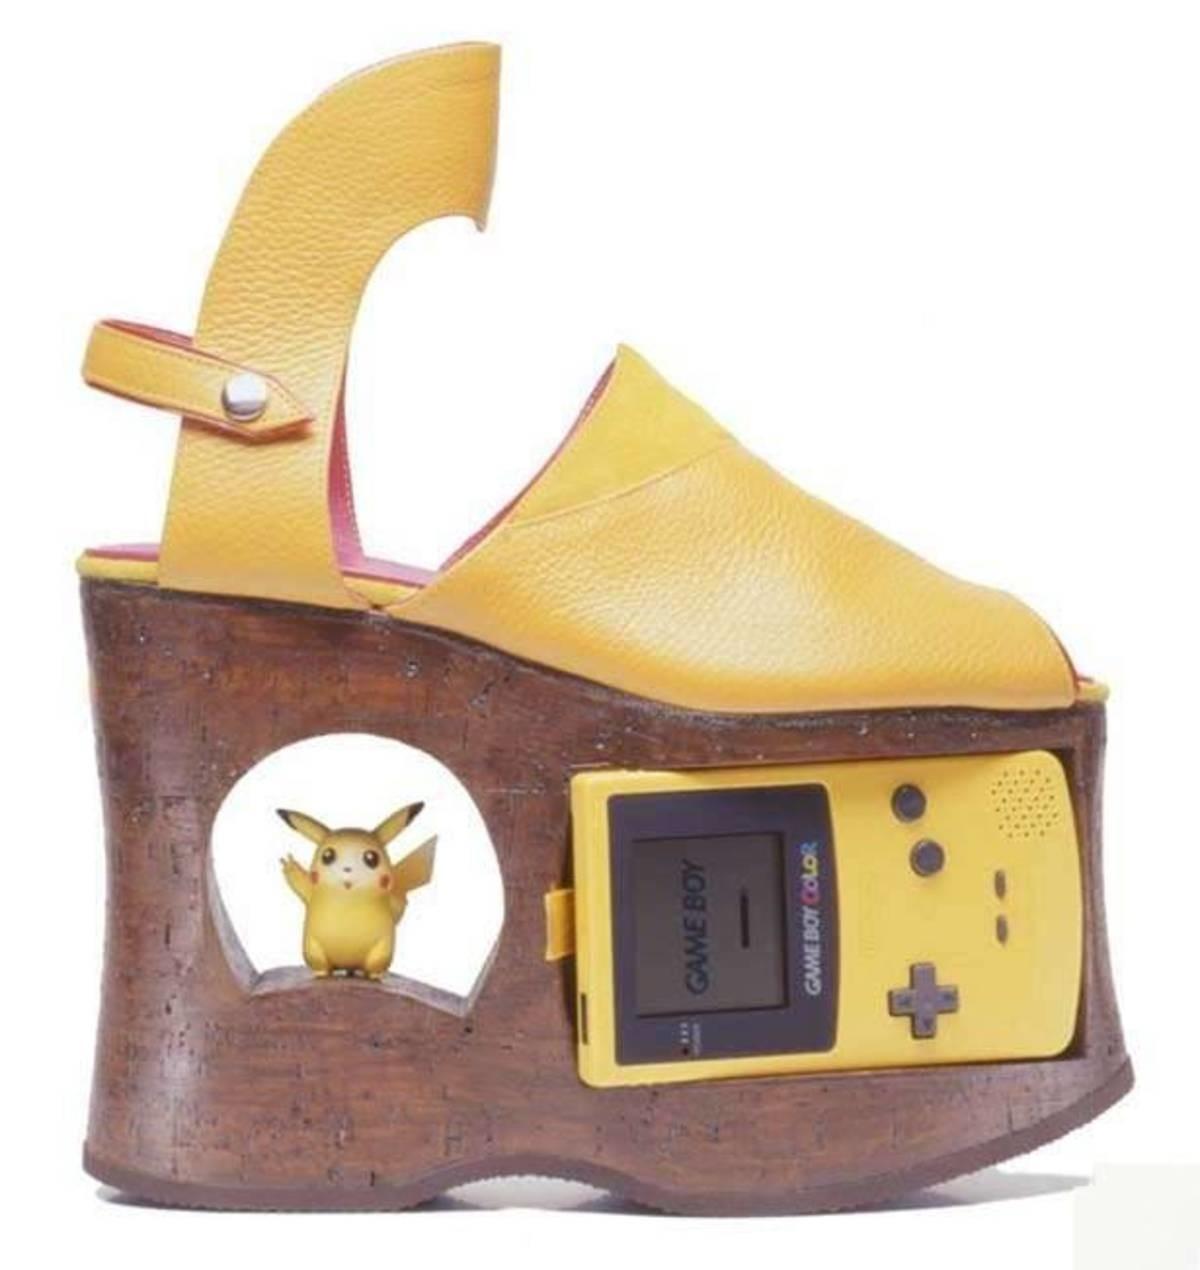 Gameboy Color Platform Shoes. .. Disgusting. Gameboy Color Platform Shoes Disgusting